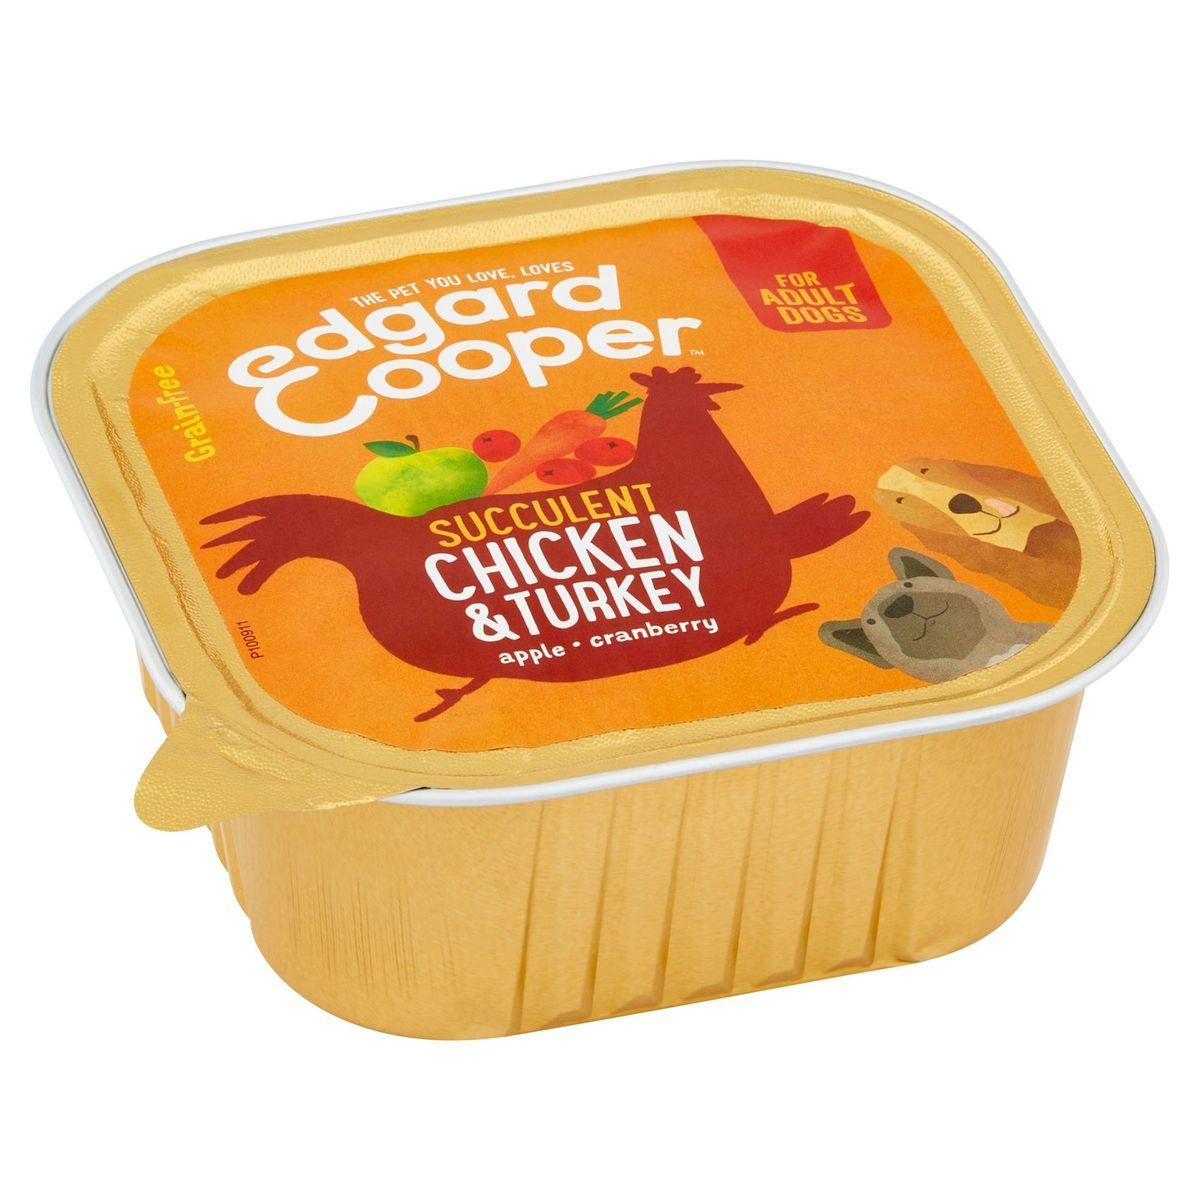 Edgard & Cooper Succulent Chicken & Turkey Apple Cranberry 300 g